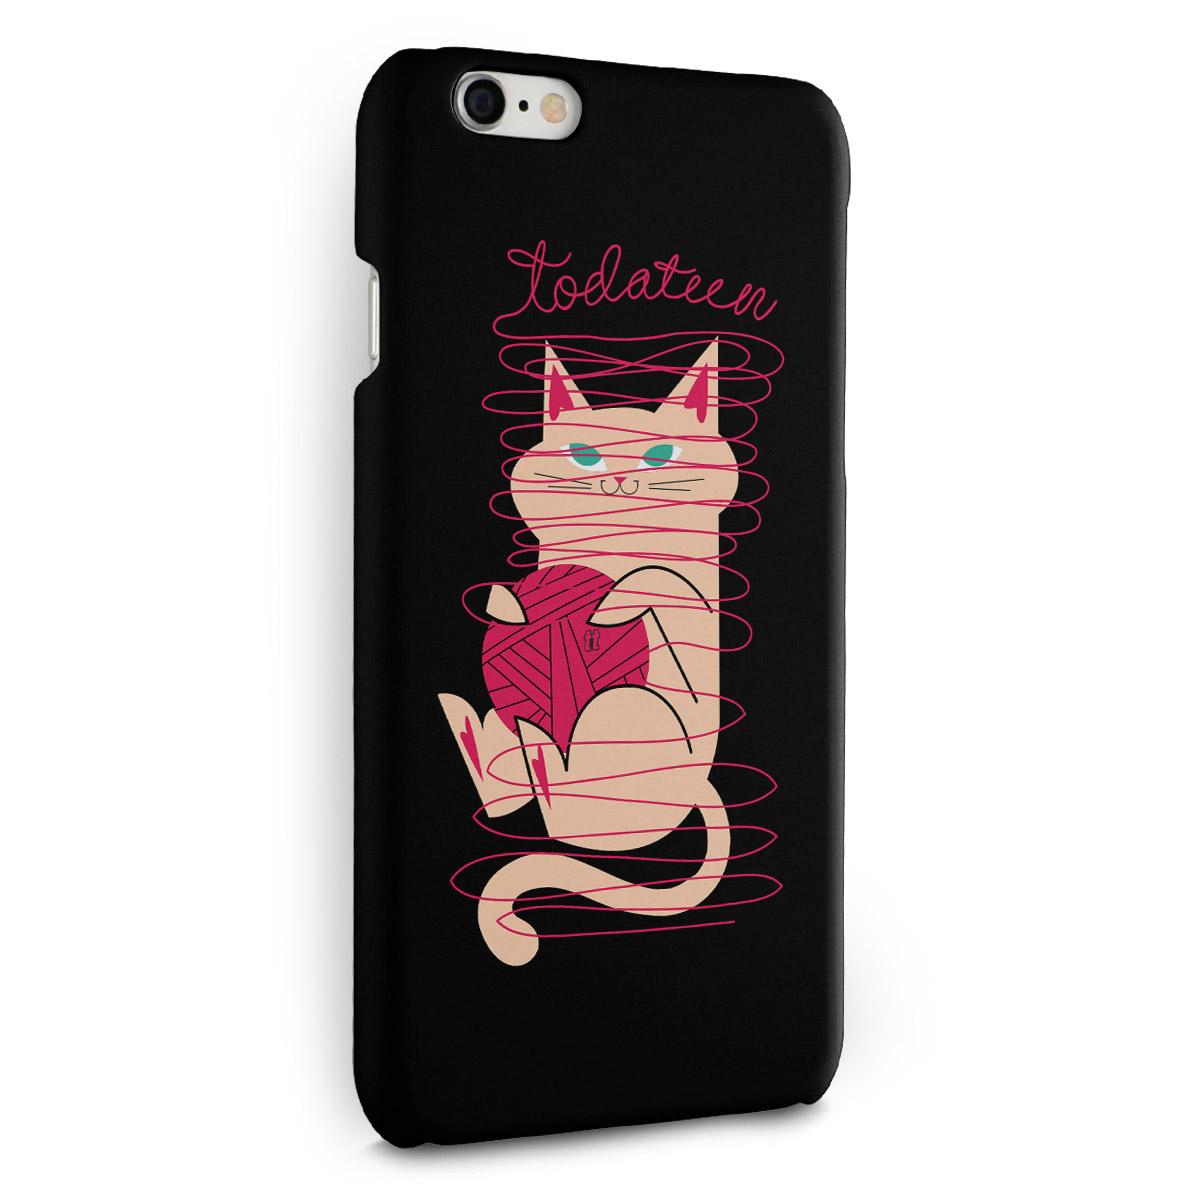 Capa para iPhone 6/6S Plus TodaTeen Cat